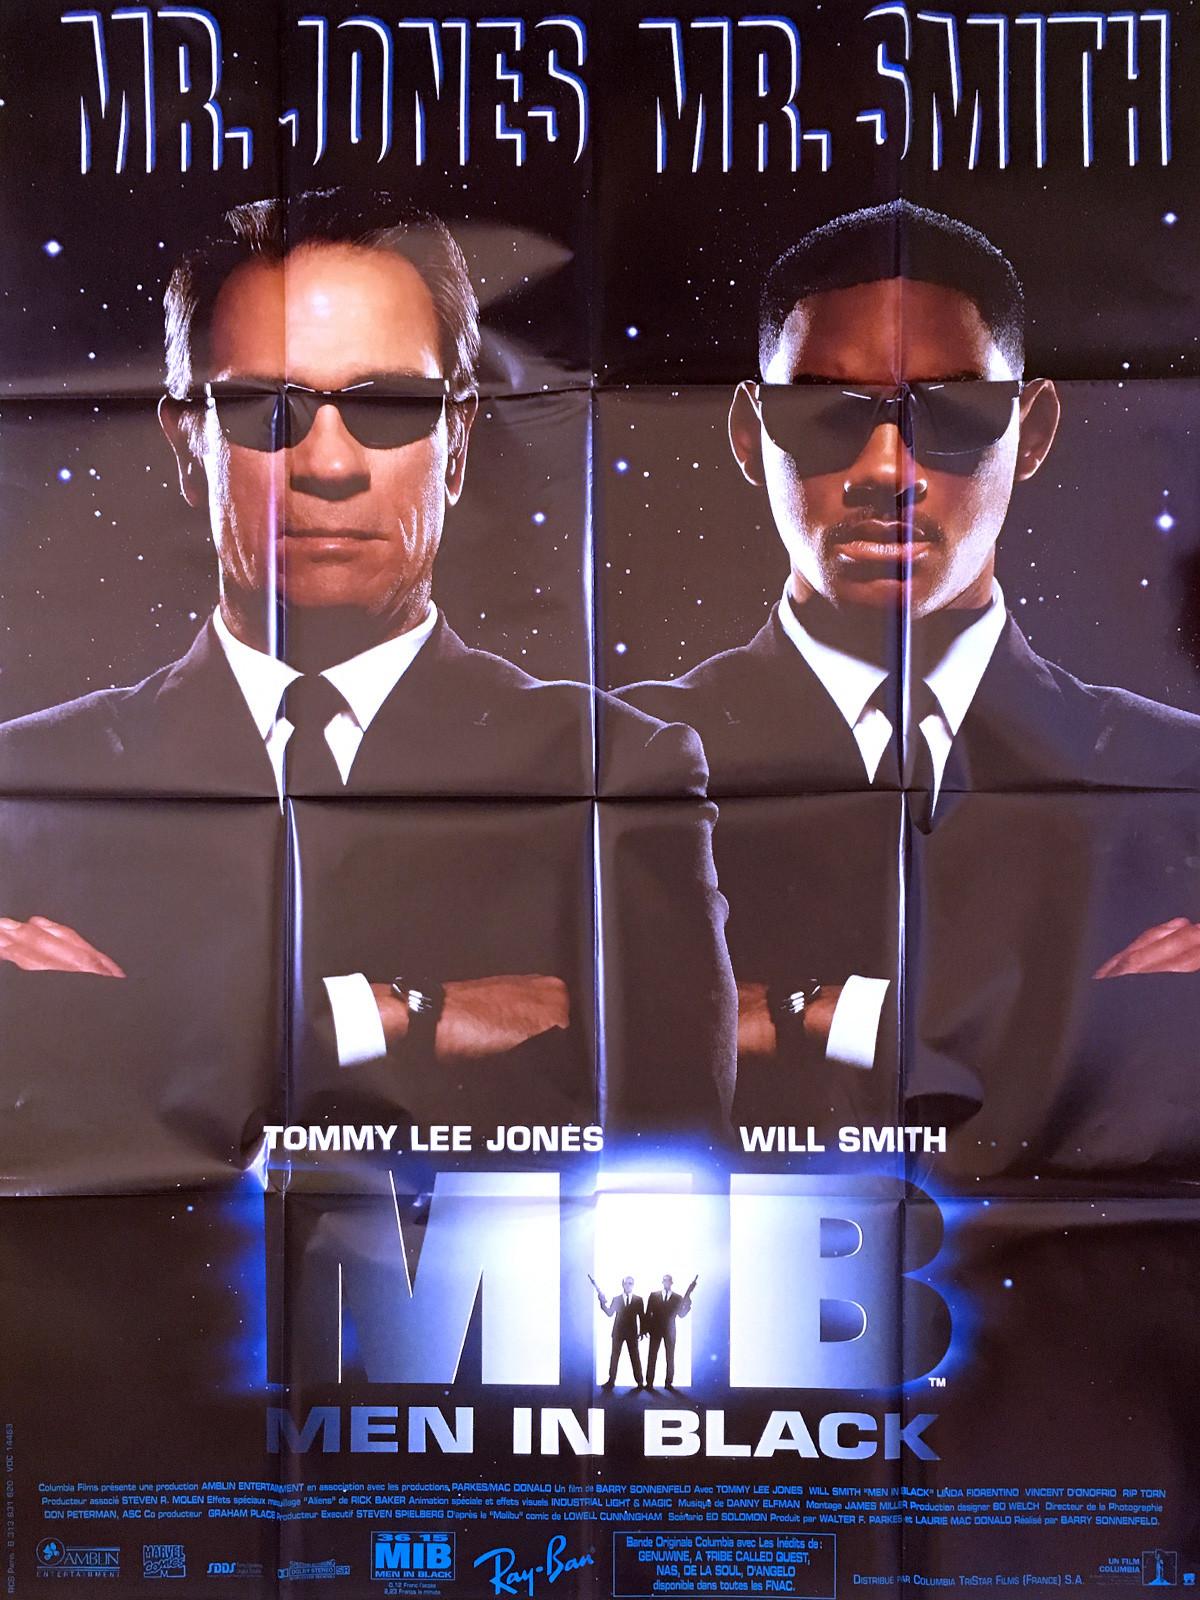 men in black french movie poster